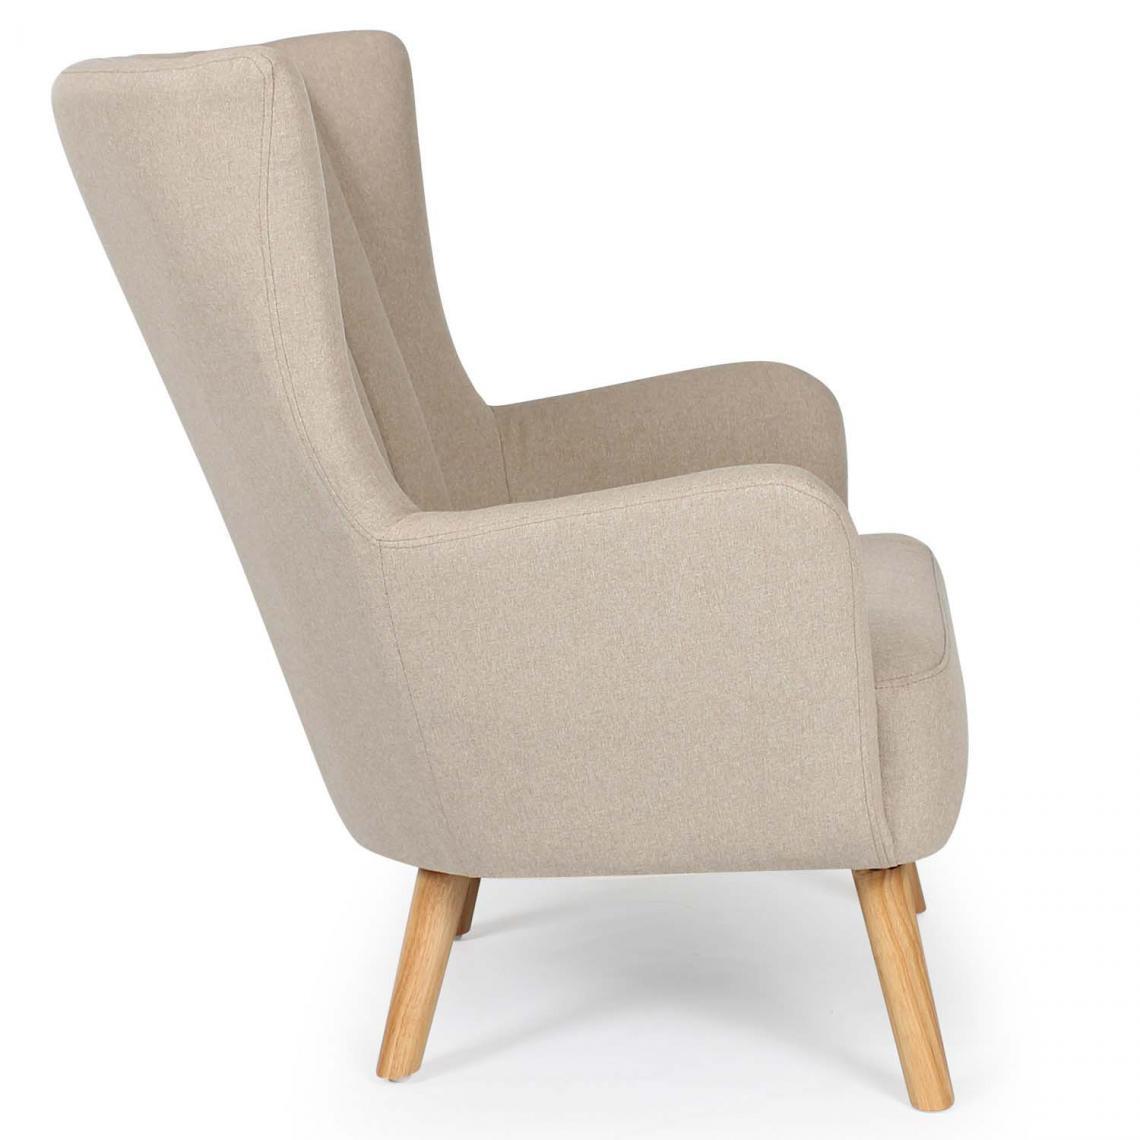 fauteuil scandinave beige arpi 3 suisses